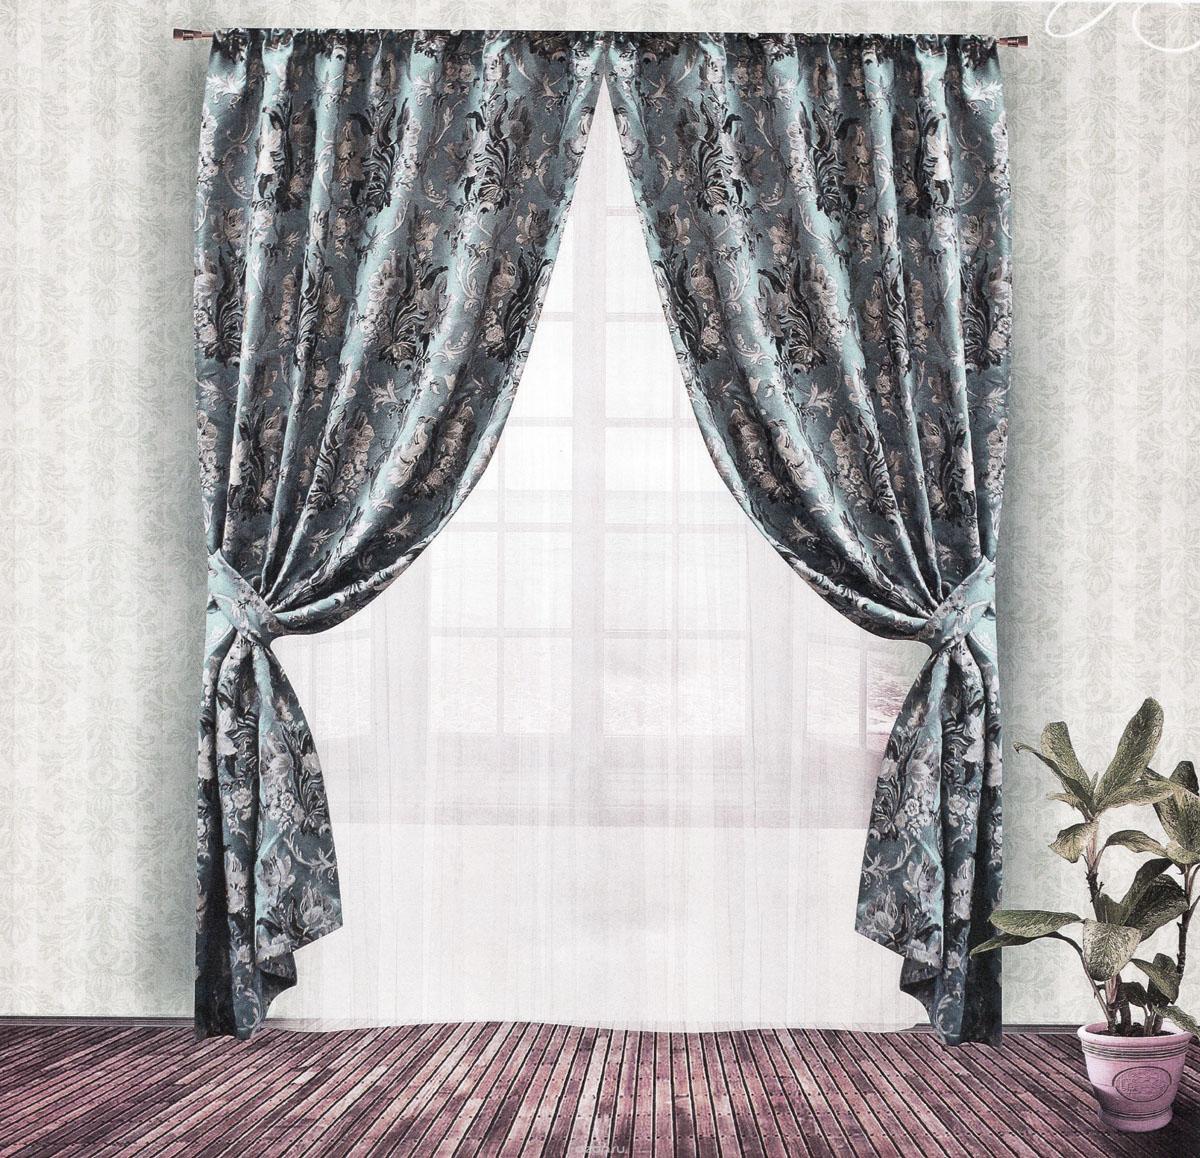 Комплект штор Zlata Korunka, на ленте, цвет: серо-голубой, высота 250 см. 55538SVC-300Роскошный комплект штор Zlata Korunka, выполненный из гобелена (100% полиэстера), великолепно украсит любое окно. Комплект состоит из двух портьер и двух подхватов. Плотная ткань, цветочный принт и приятная, приглушенная гамма привлекут к себе внимание и органично впишутся в интерьер помещения. Комплект крепится на карниз при помощи шторной ленты, которая поможет красиво и равномерно задрапировать верх. Портьеры можно зафиксировать в одном положении с помощью двух подхватов. Этот комплект будет долгое время радовать вас и вашу семью! В комплект входит: Портьера: 2 шт. Размер (ШхВ): 140 см х 250 см. Подхват: 2 шт. Размер (ШхВ): 60 см х 10 см.